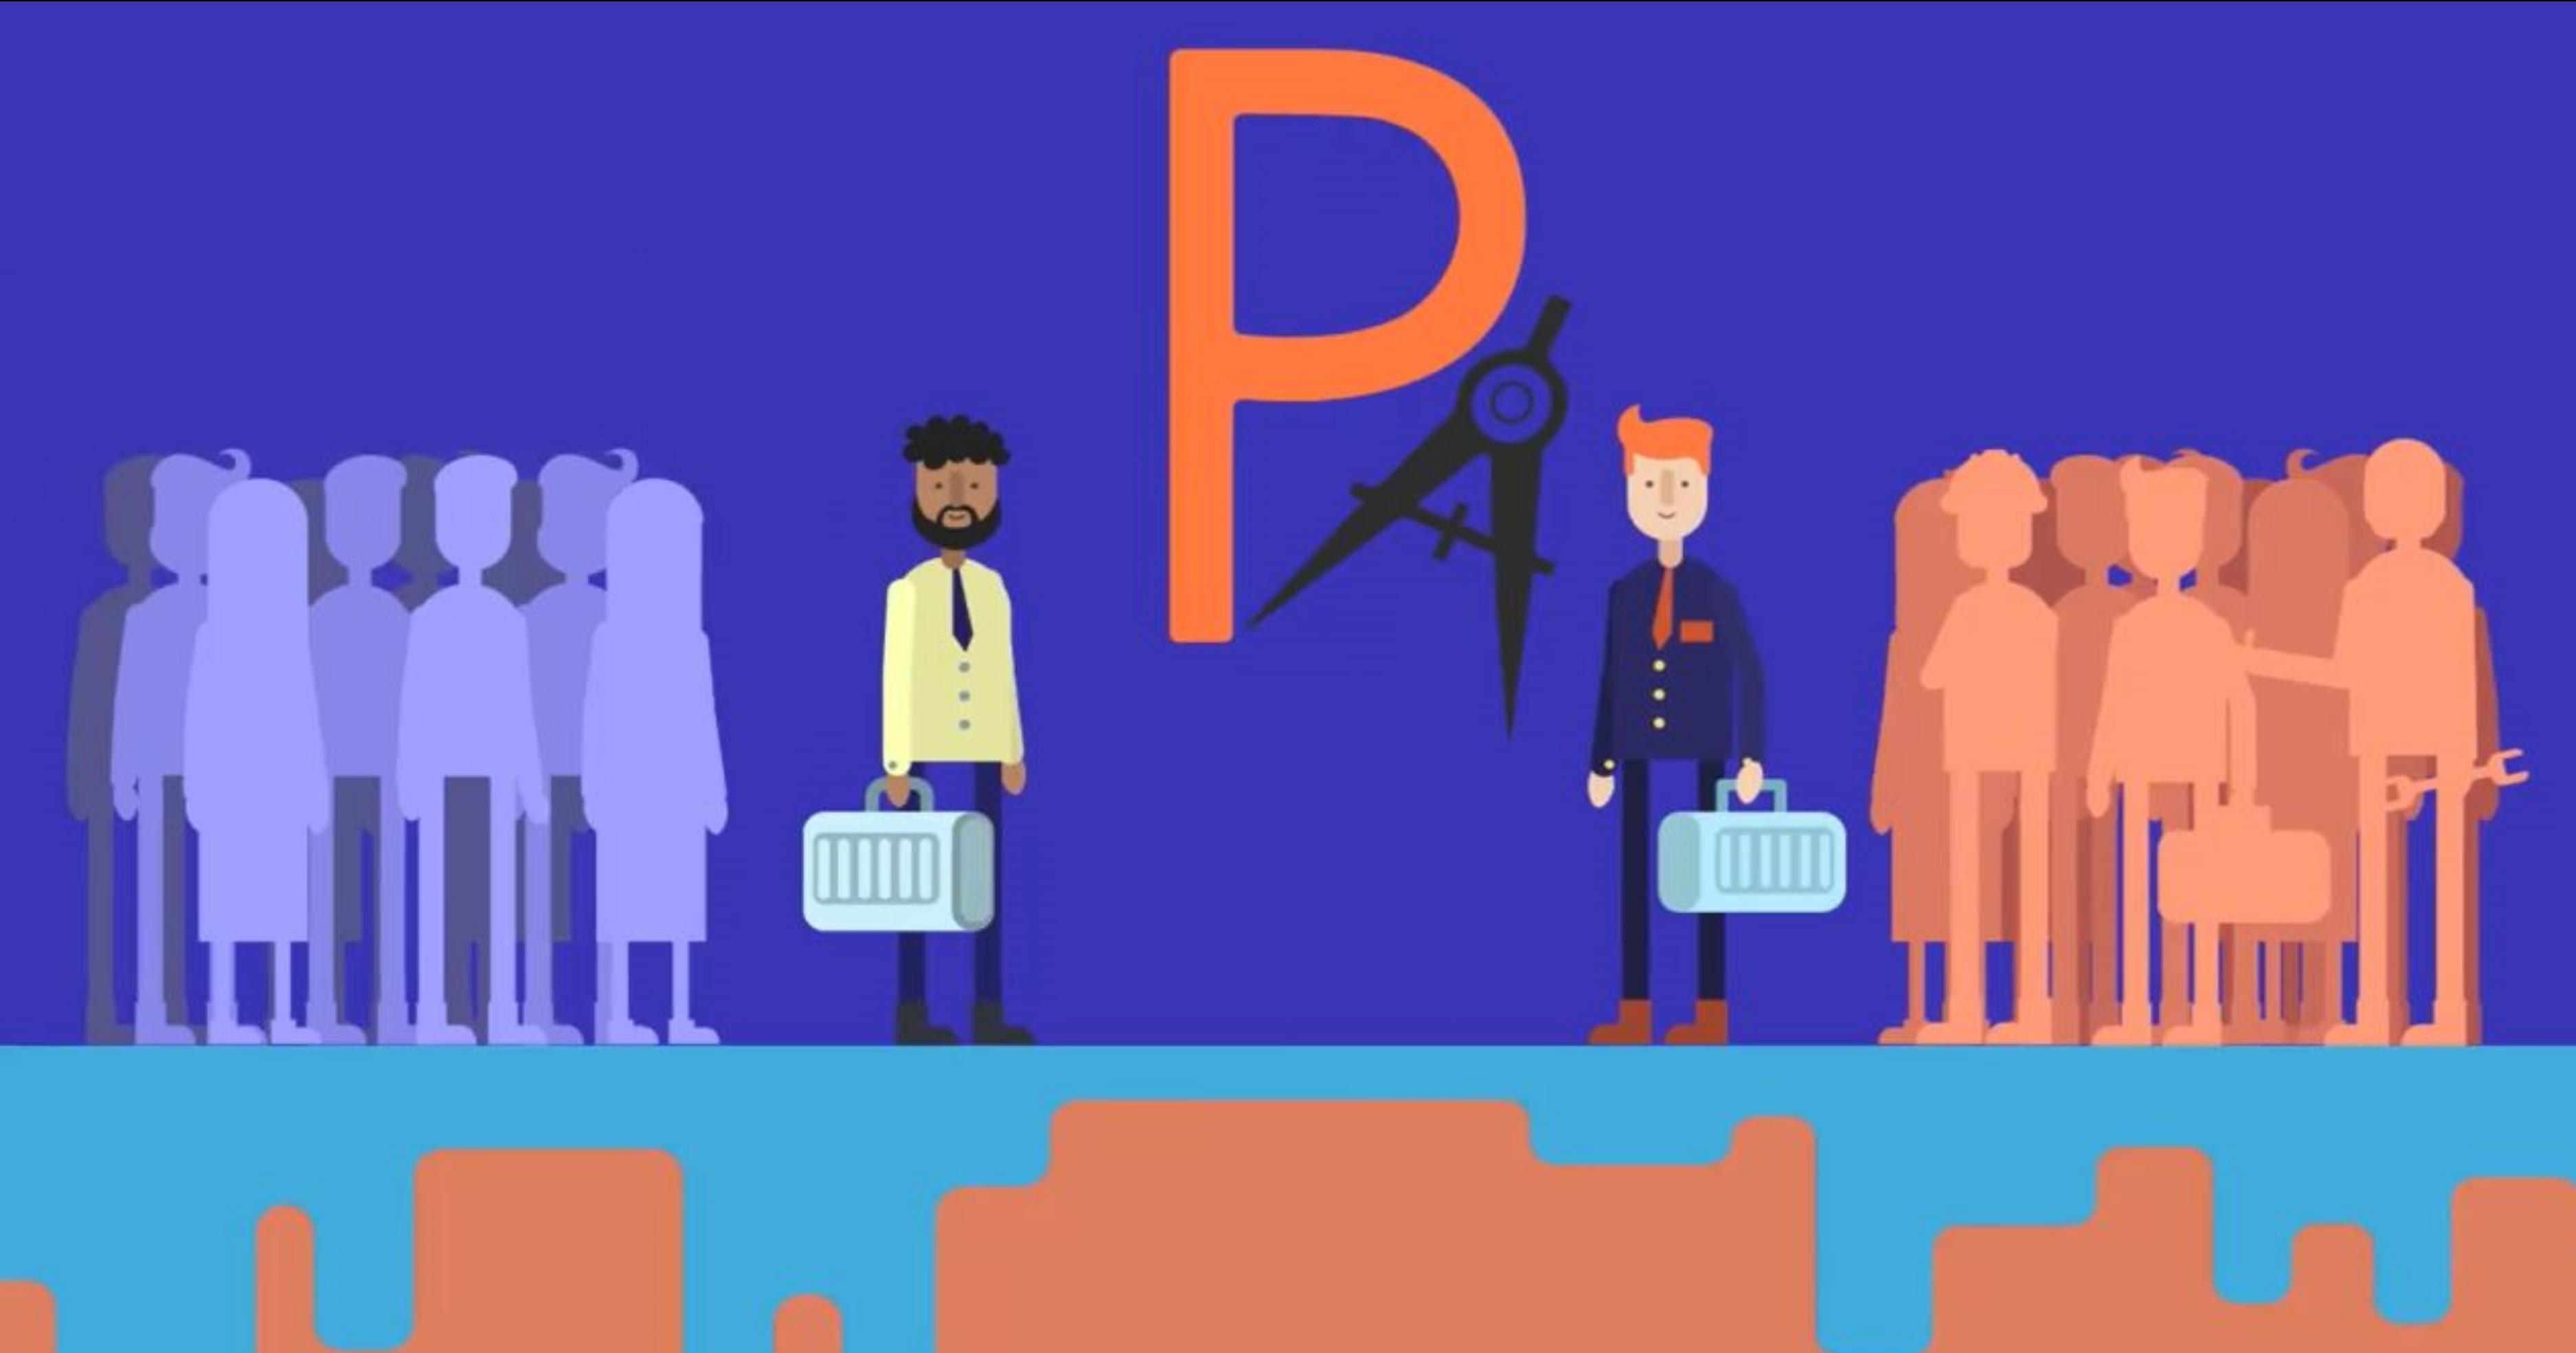 Projeteurs.com : mise en relation des porteurs de projets avec des freelances du secteur de l'industrie et du bâtiment.